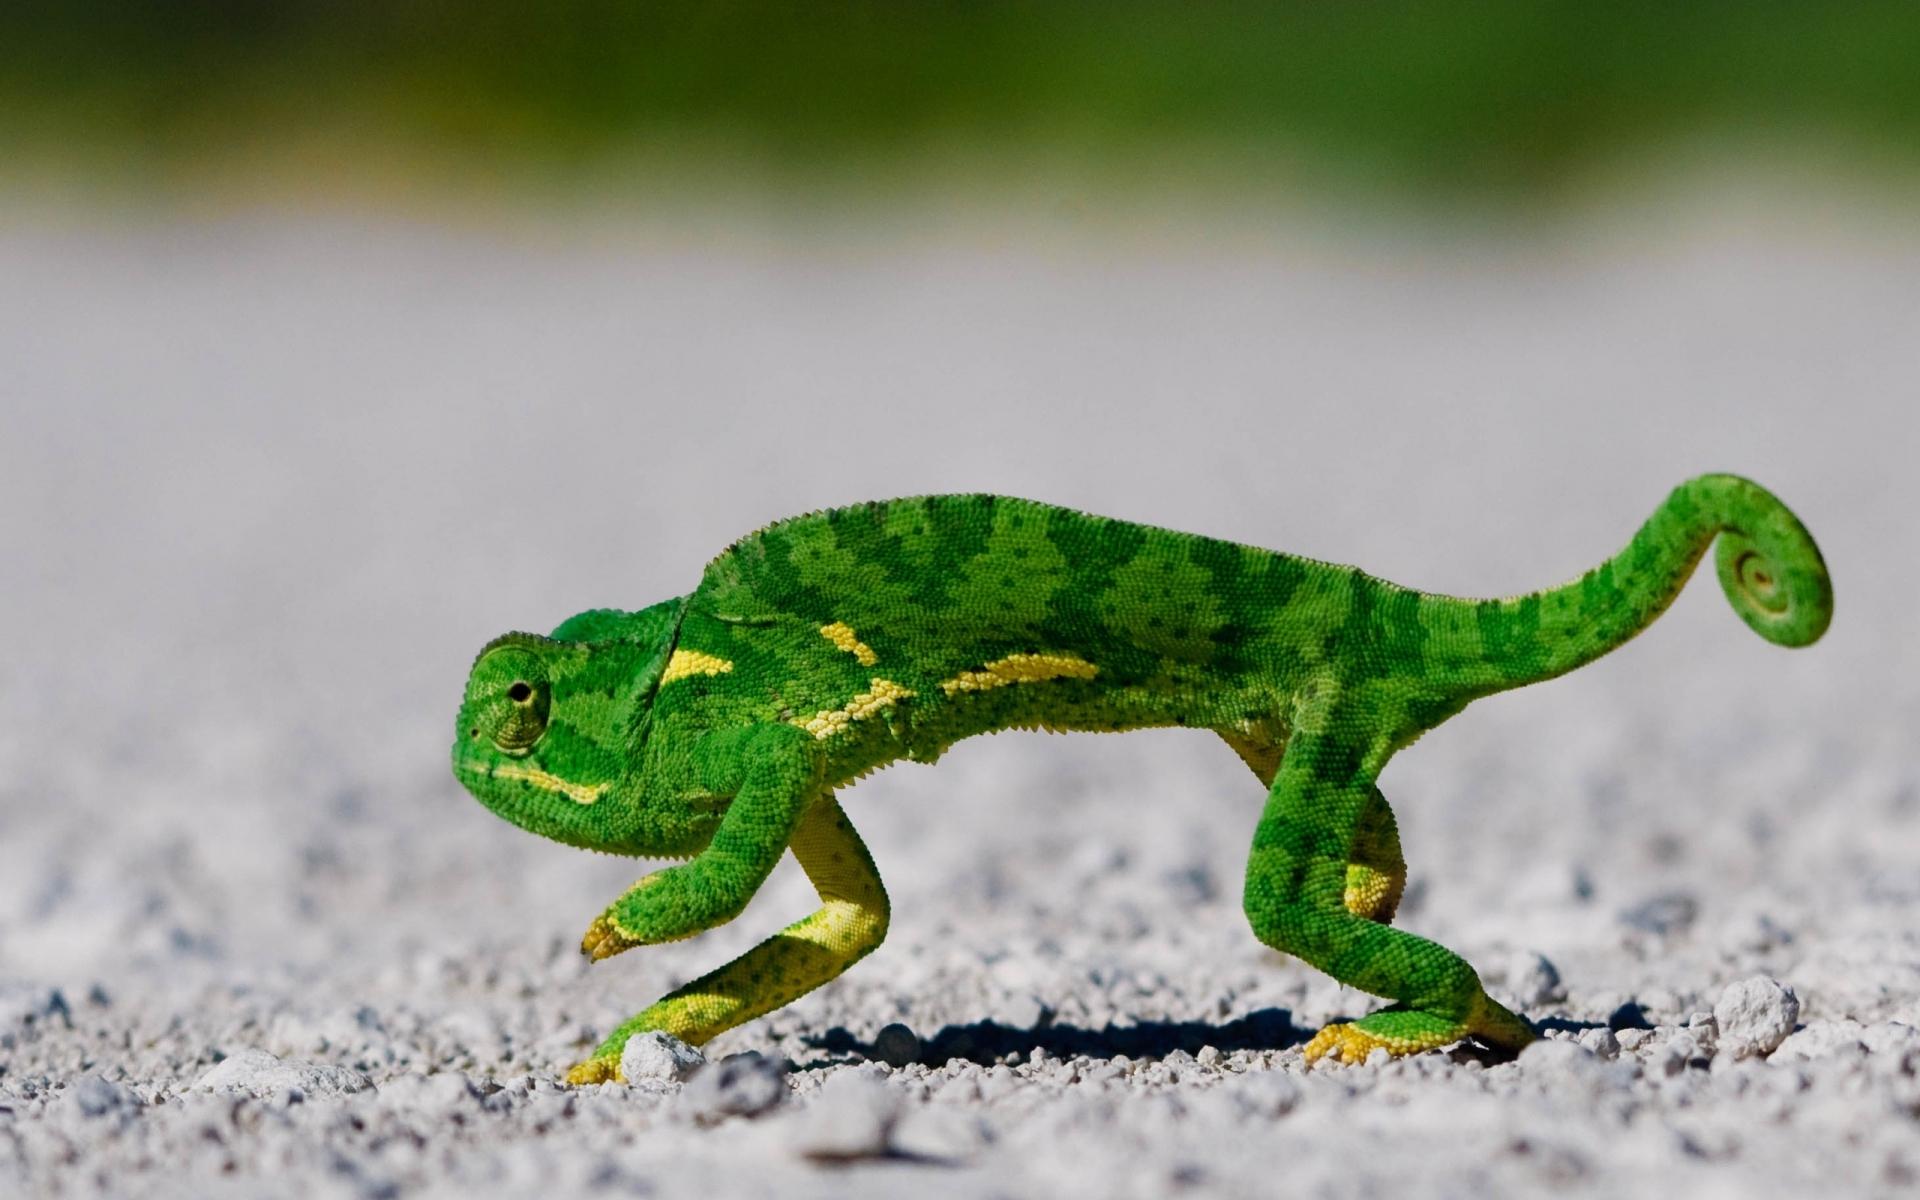 Un camaleón verde - 1920x1200